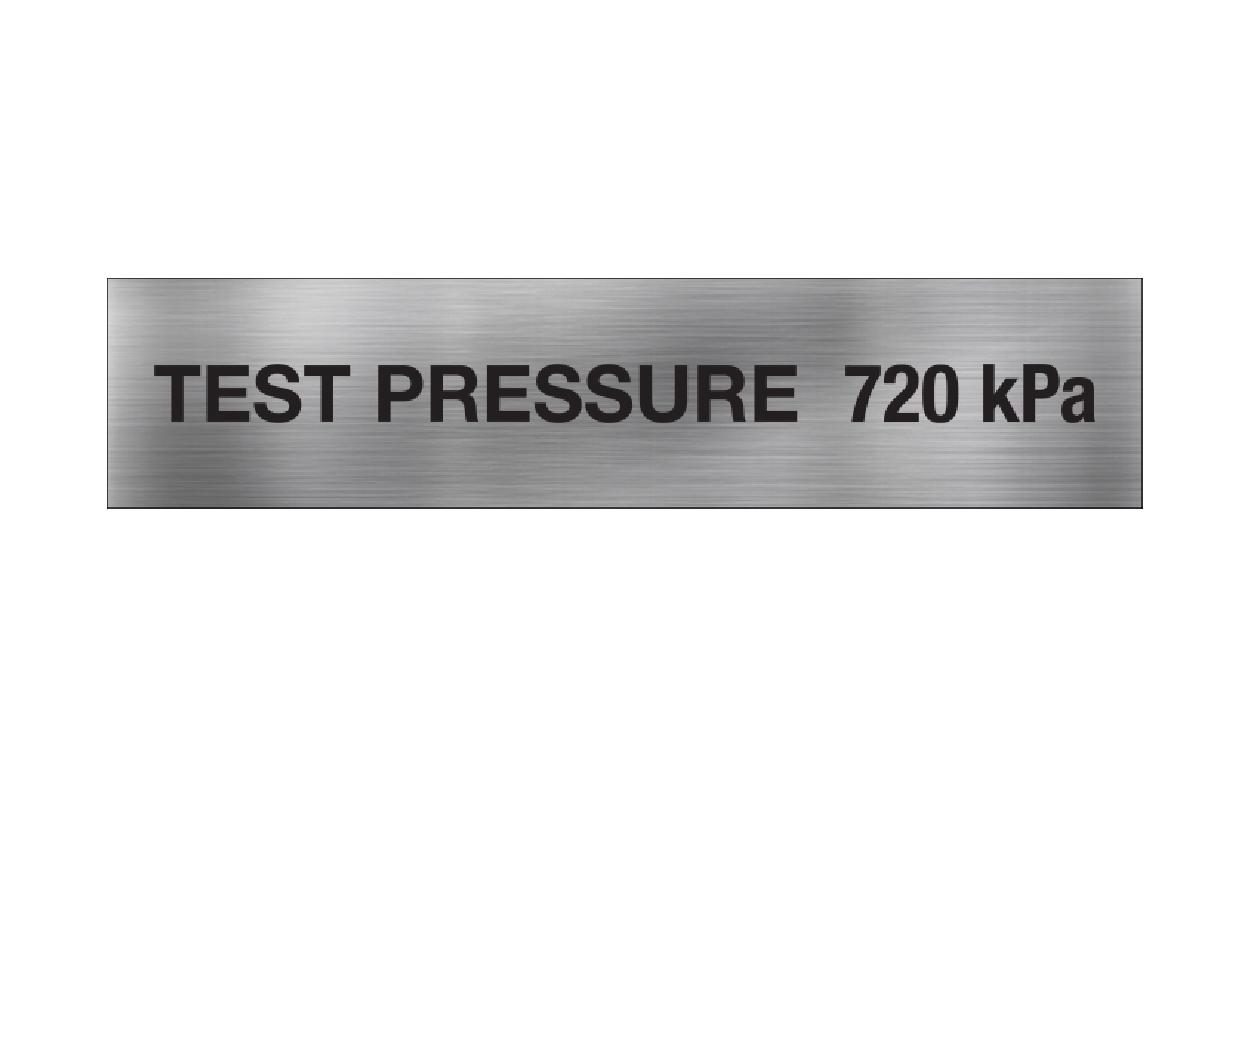 Test Pressure 720 kPa